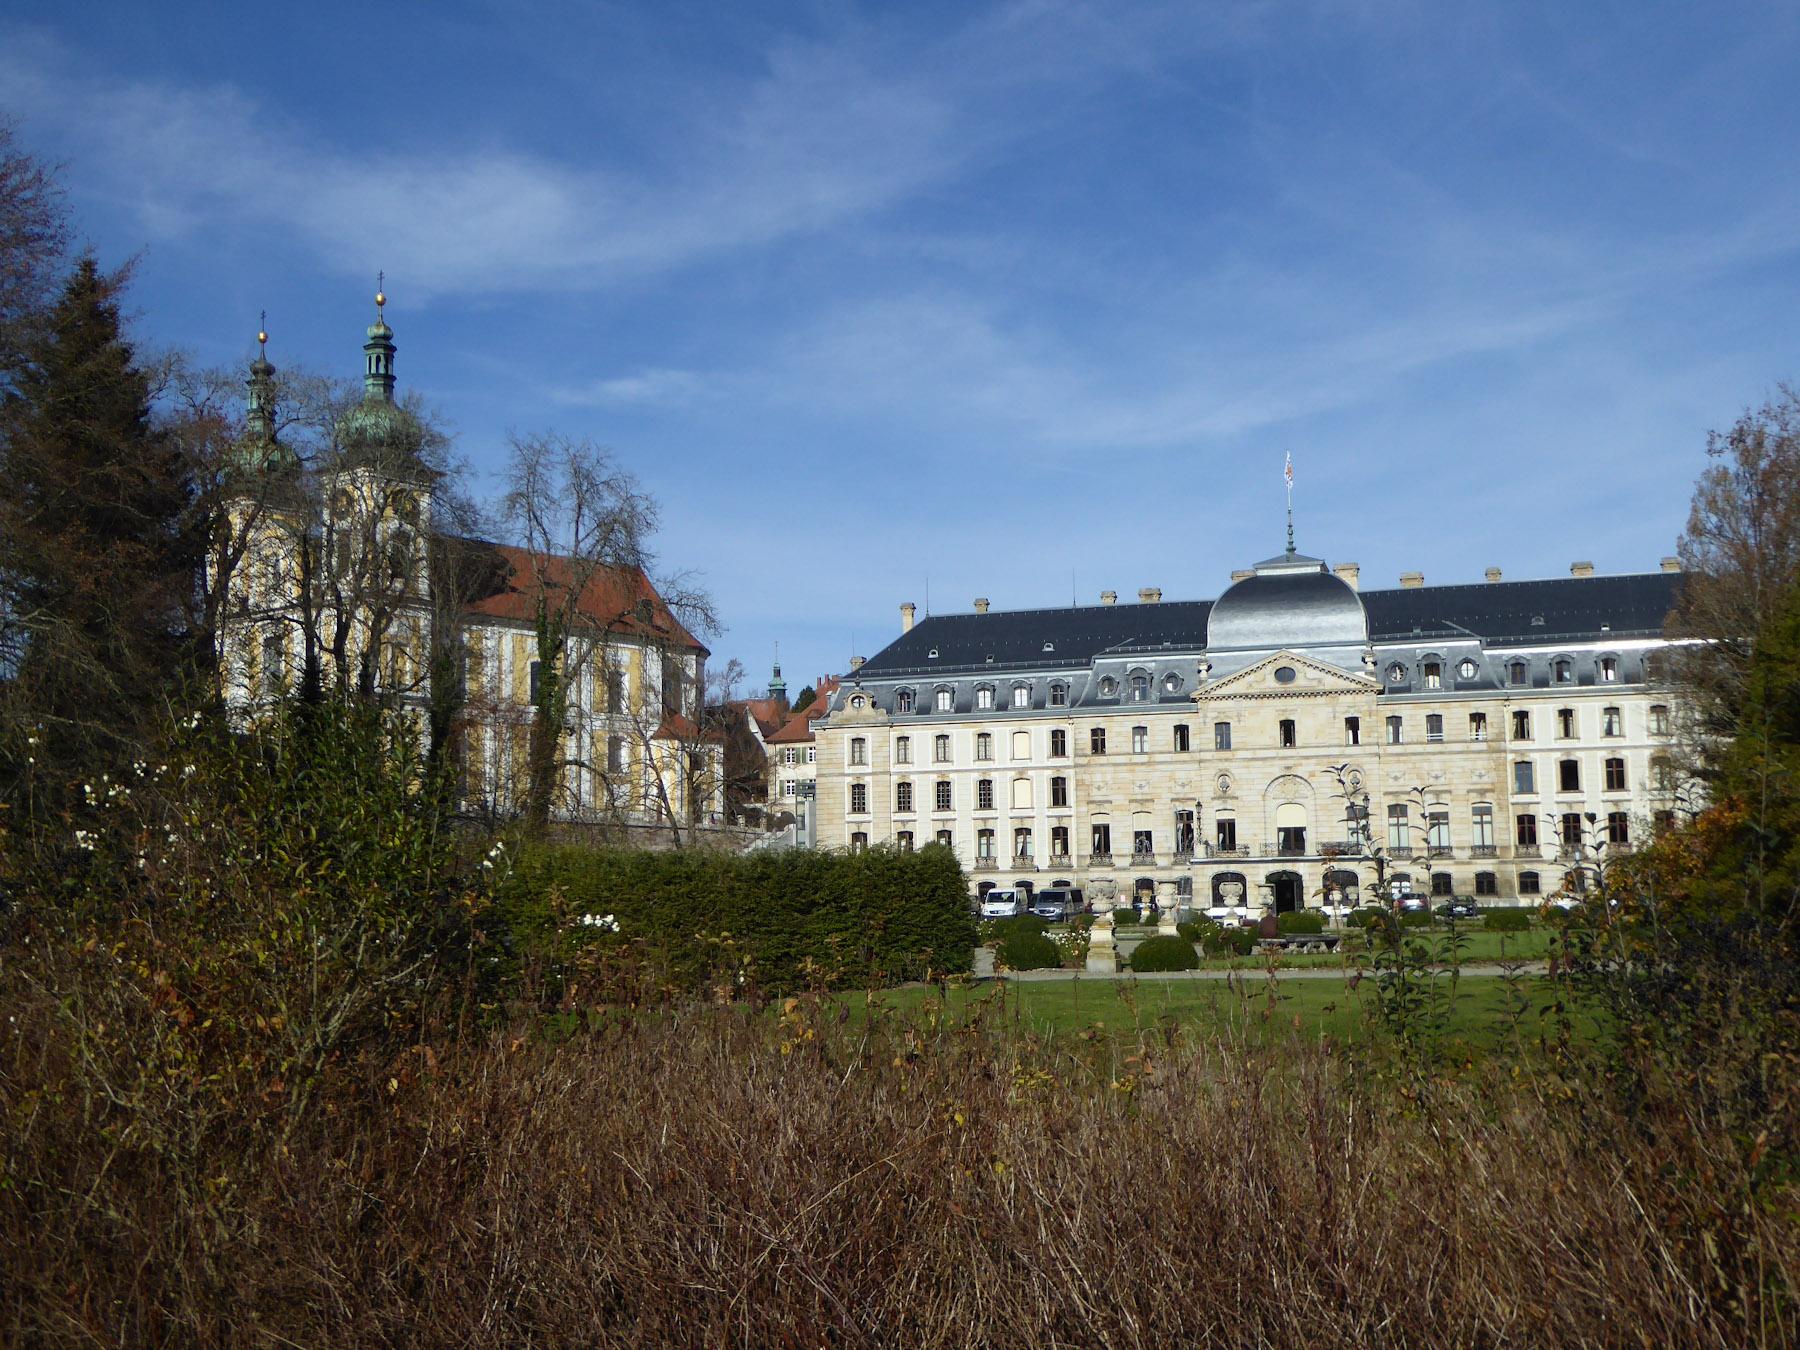 Ferienwohnung Lemke, (Donaueschingen). Typ C, 95qm, 2 Schlafzimmer, Terrasse mit Liegewiese, max. 6 Pers (2792819), Donaueschingen, Schwarzwald, Baden-Württemberg, Deutschland, Bild 14